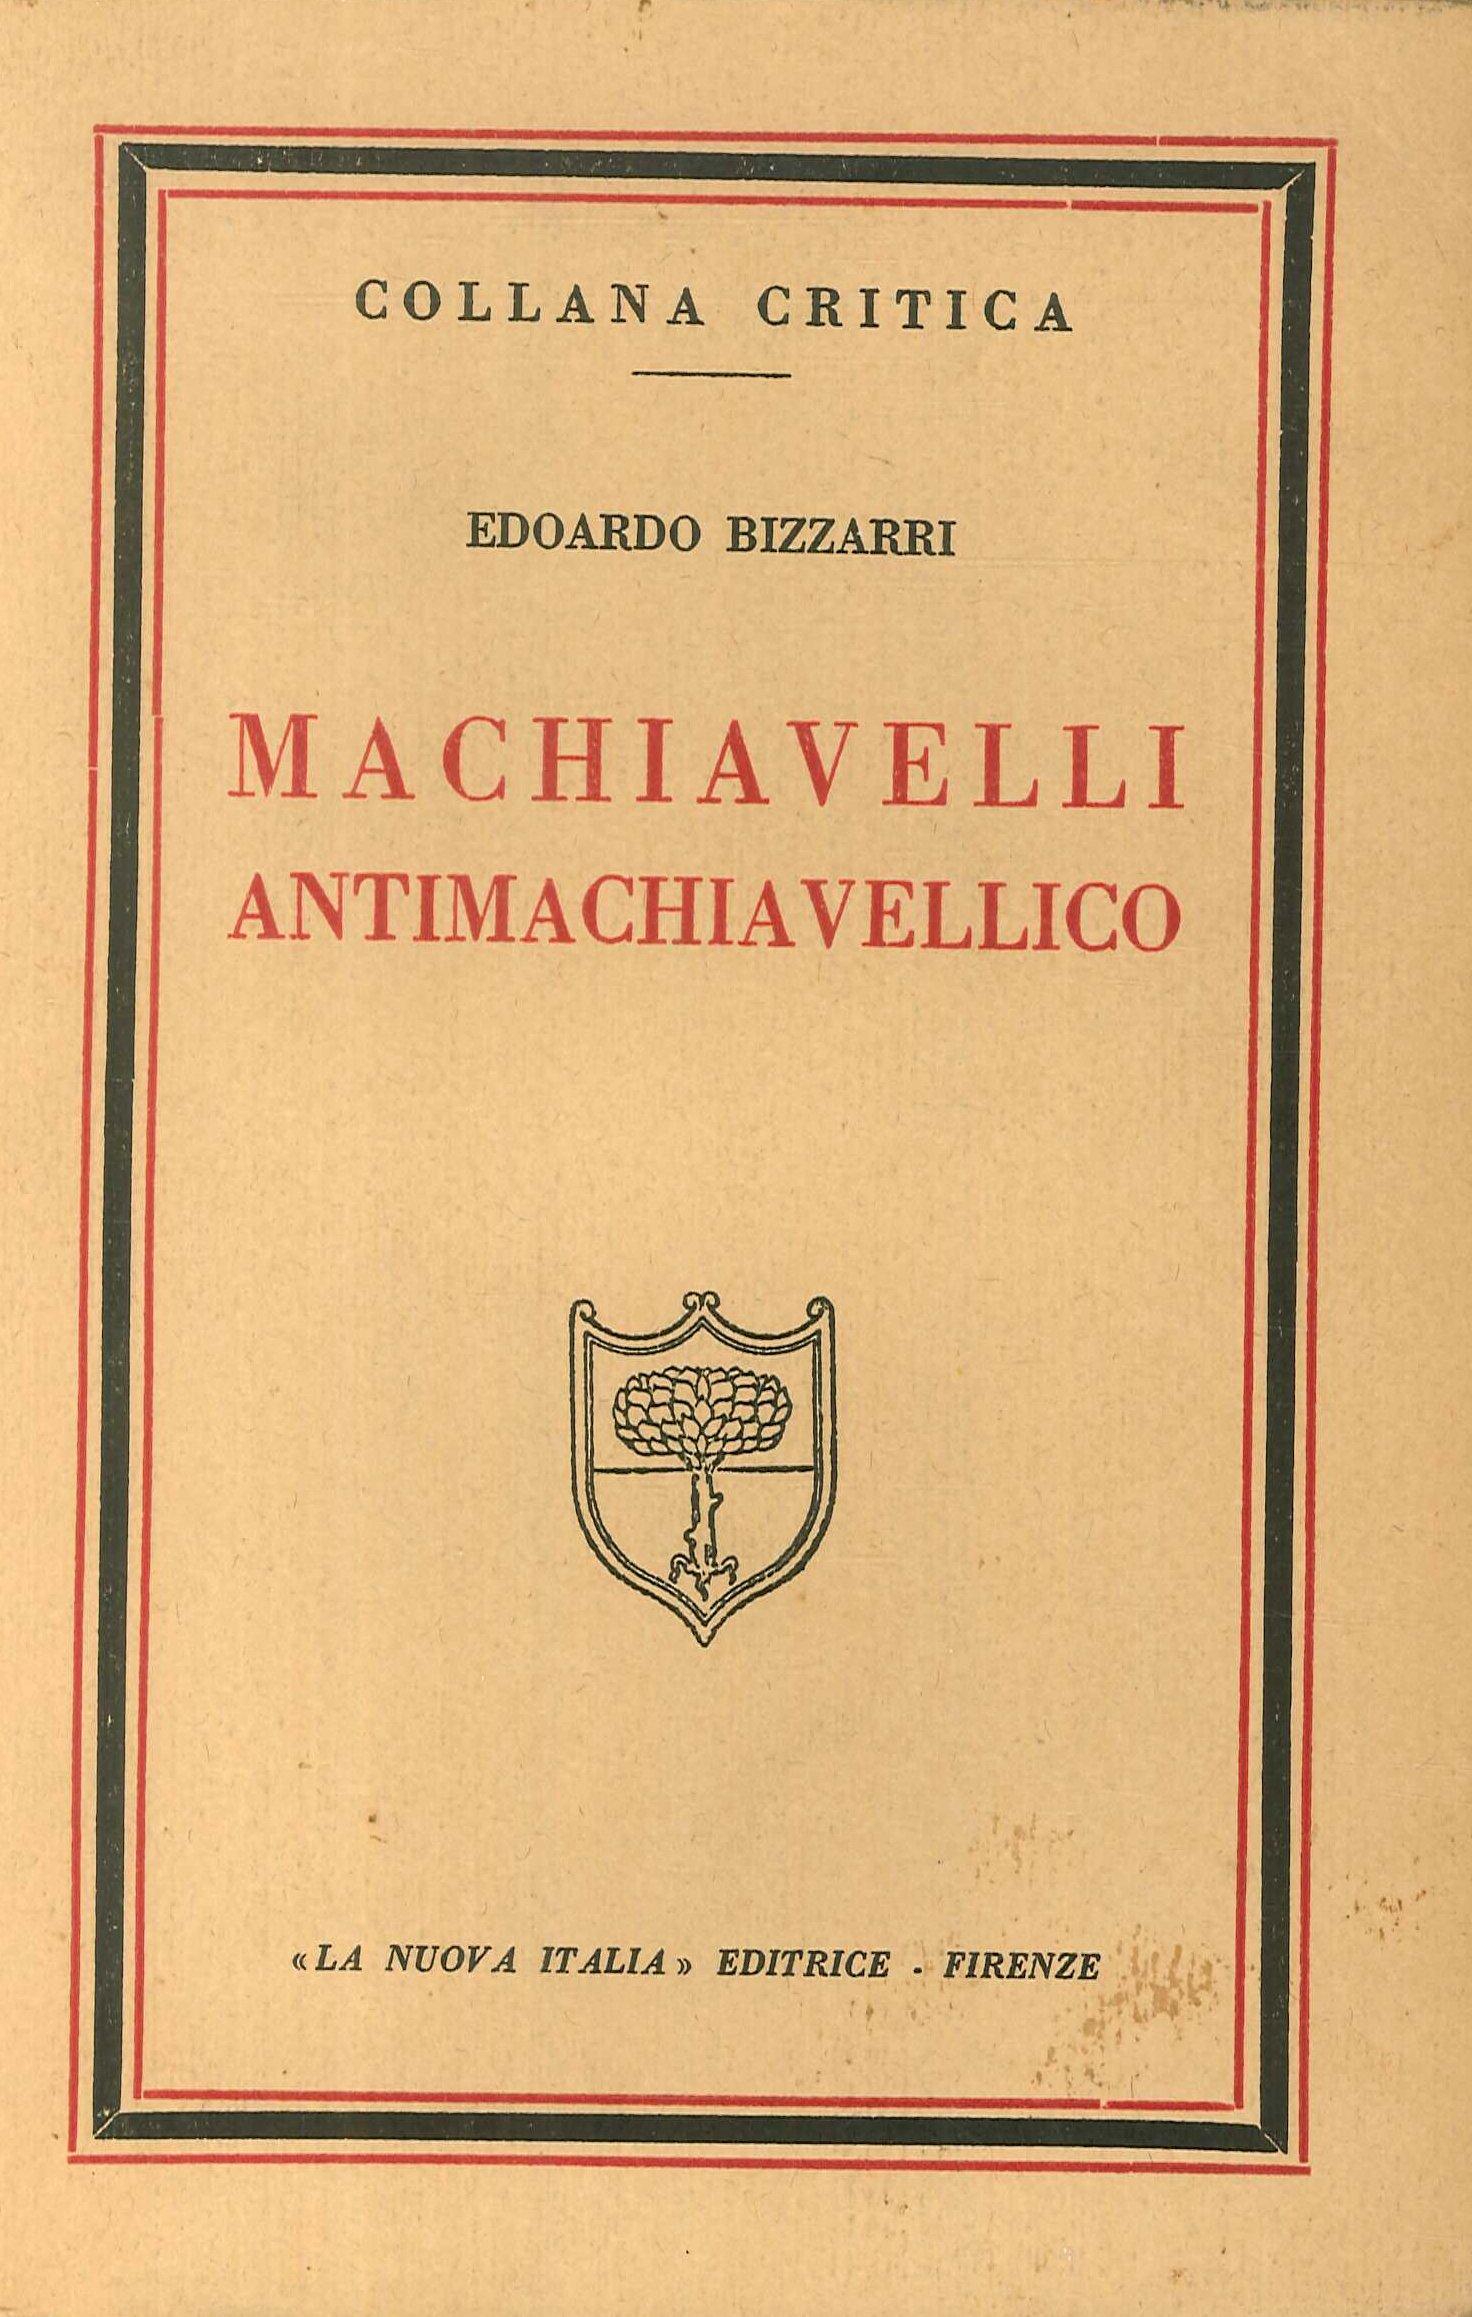 Machiavelli Antimachiavellico